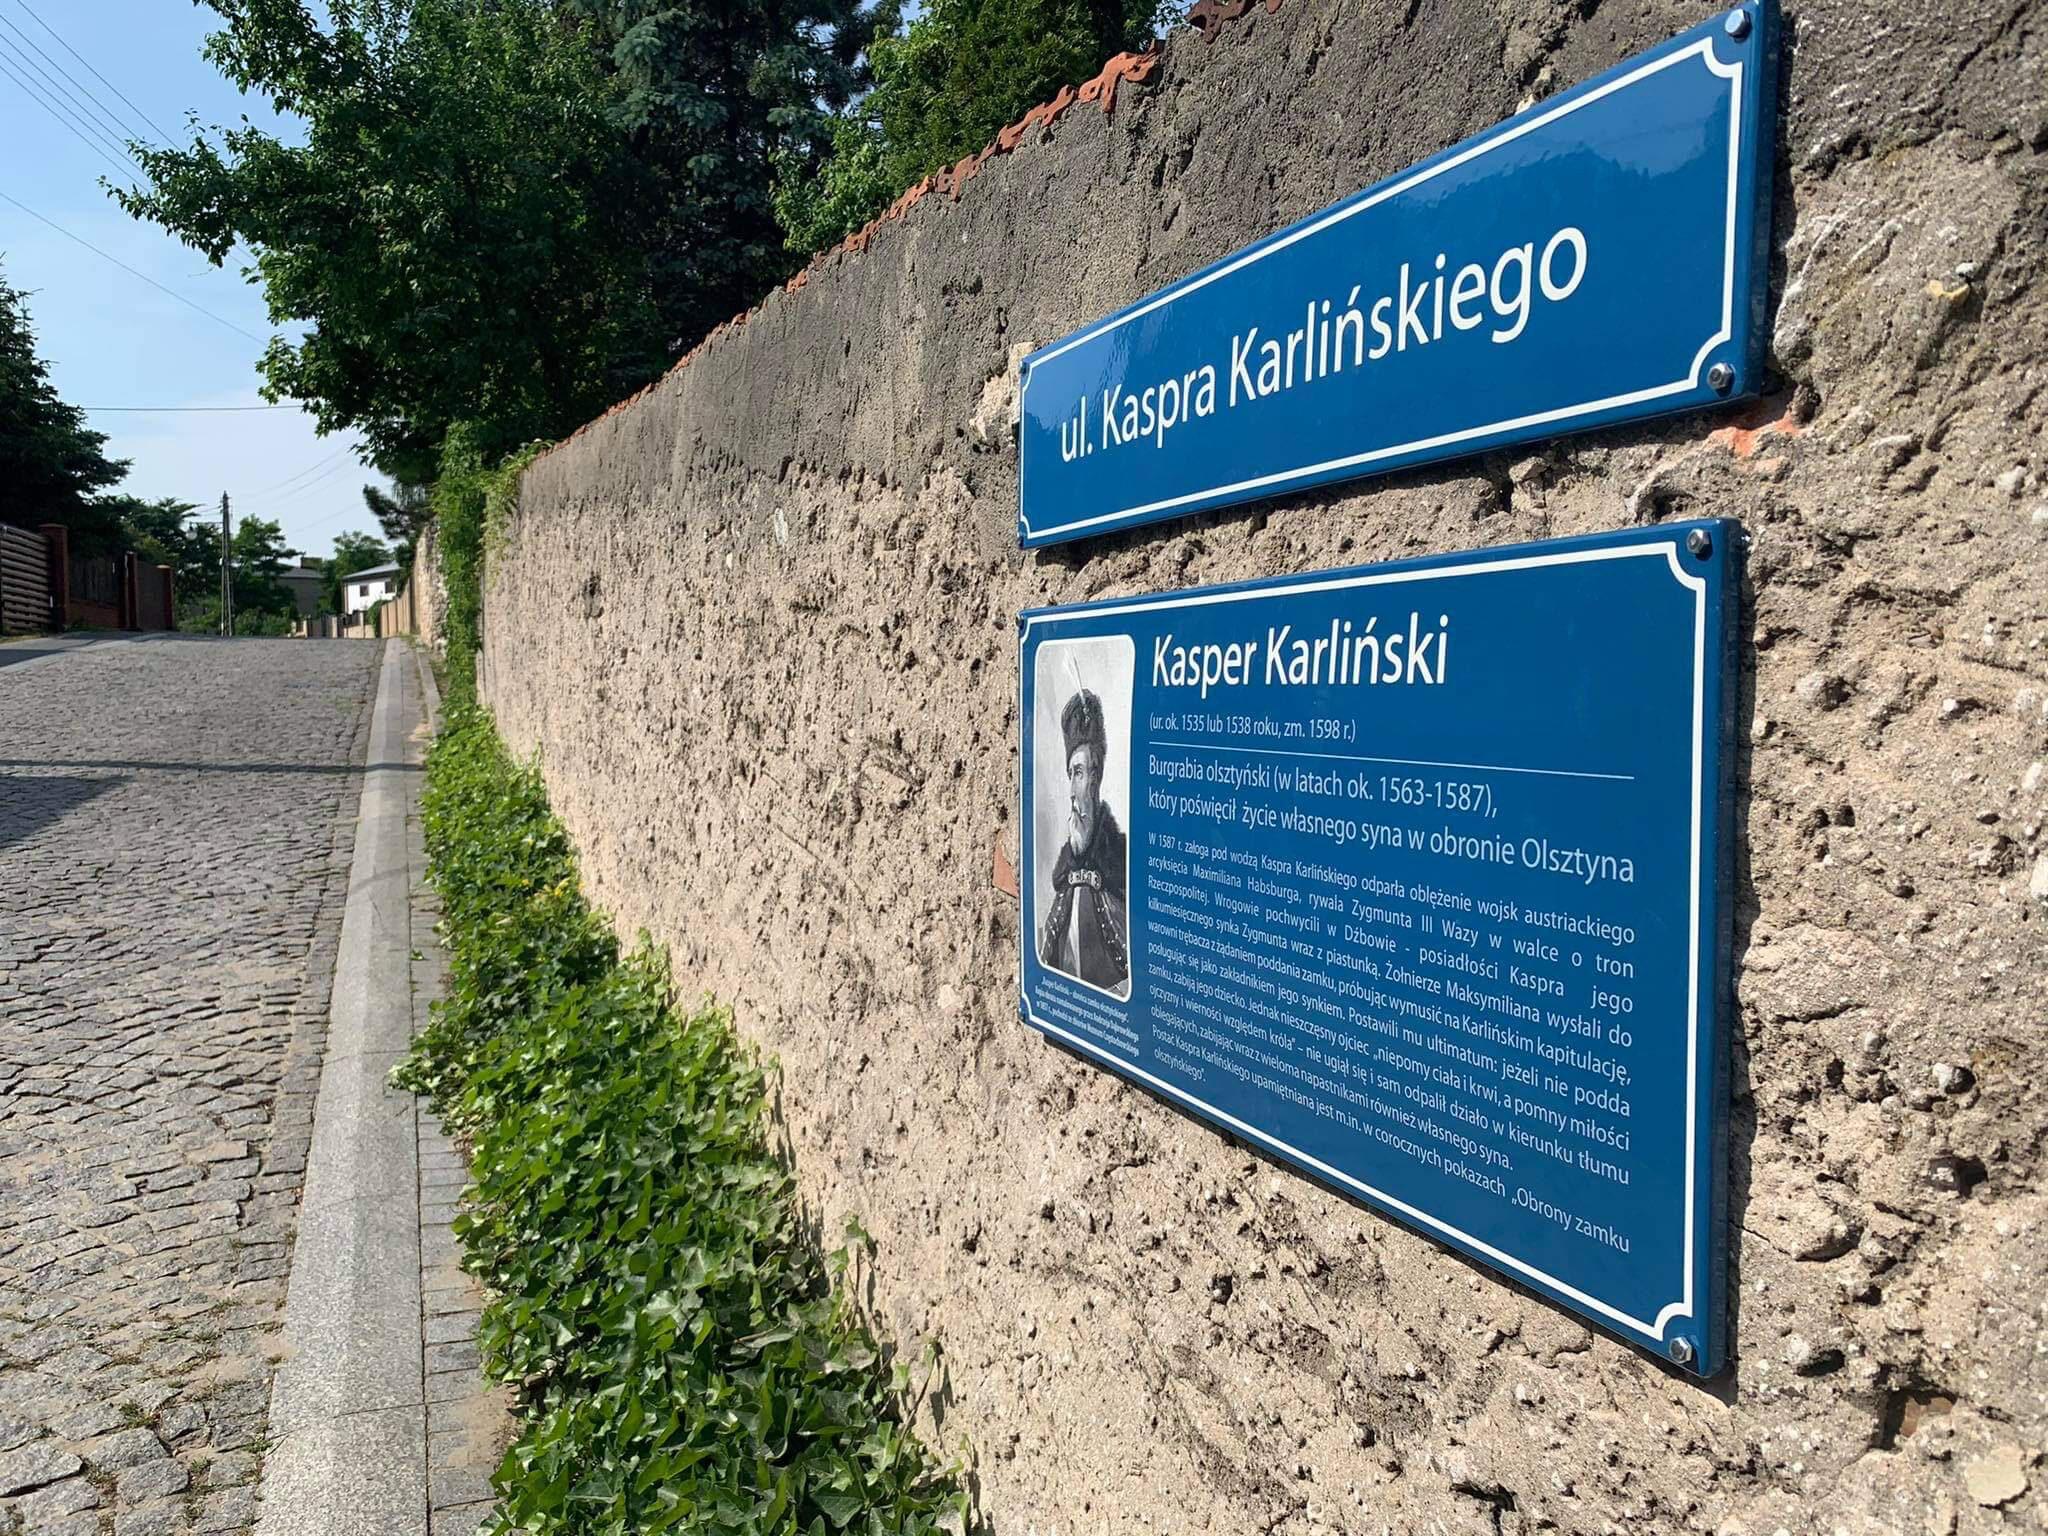 tablica Kaspra Karlińskiego